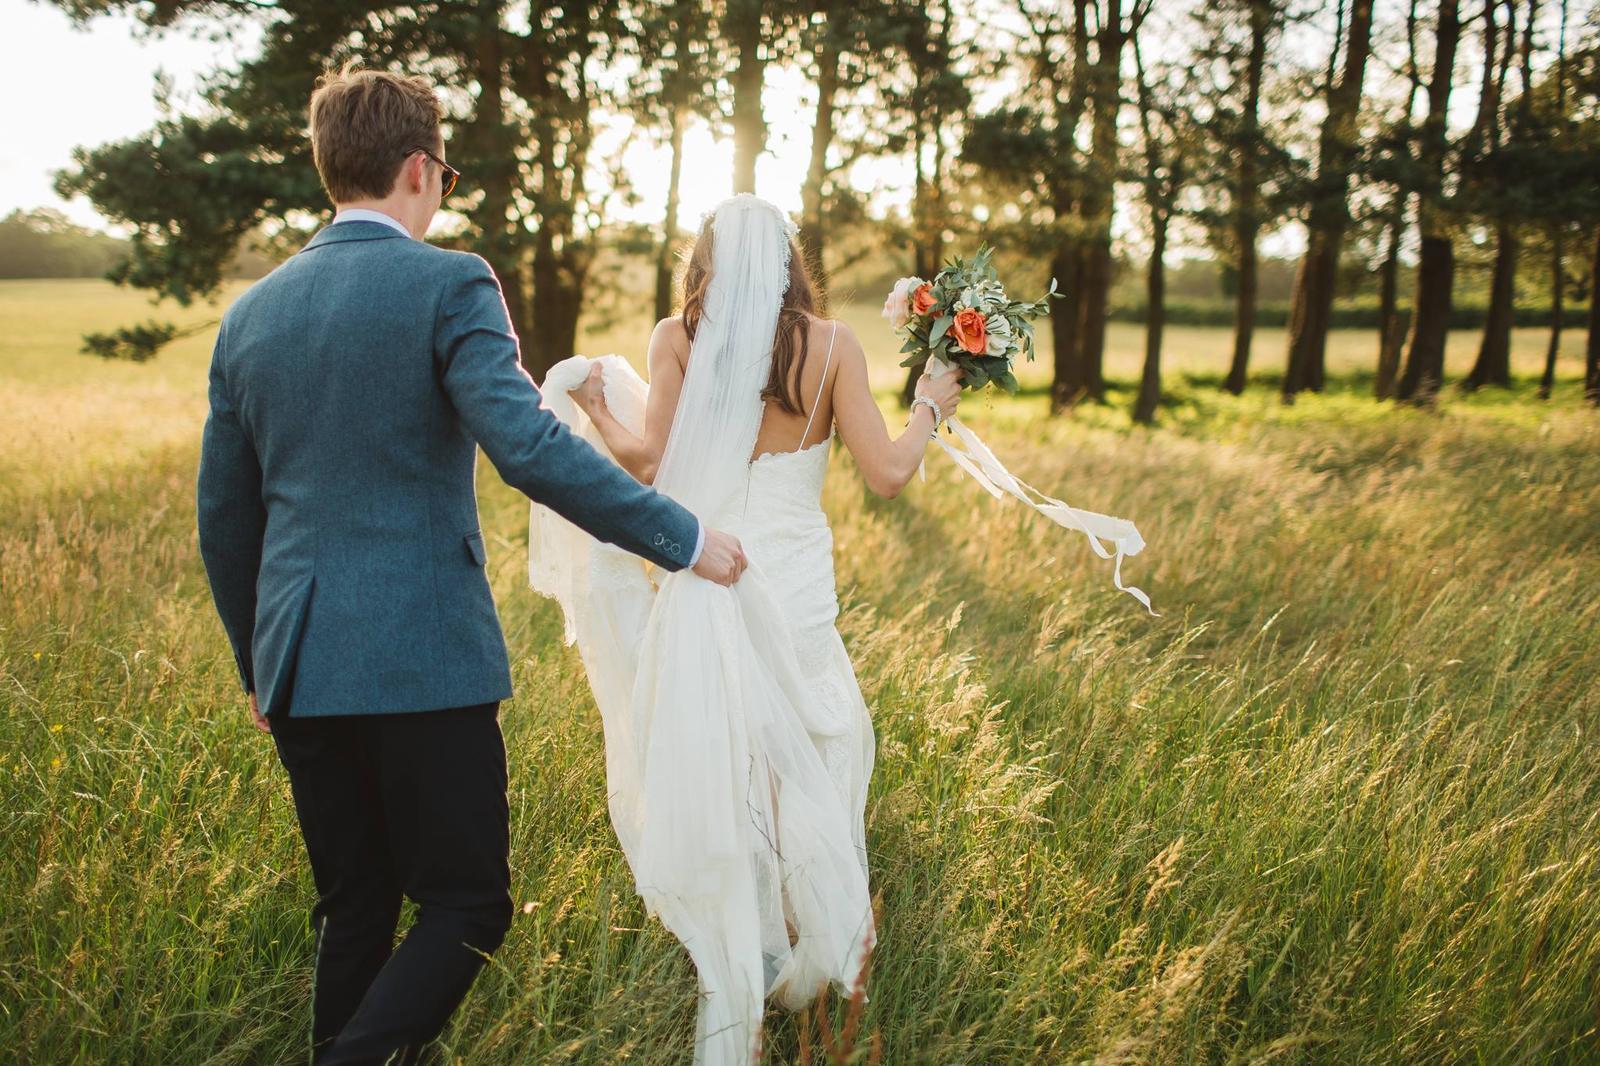 Inšpirácie na svadobné fotky - Obrázok č. 279